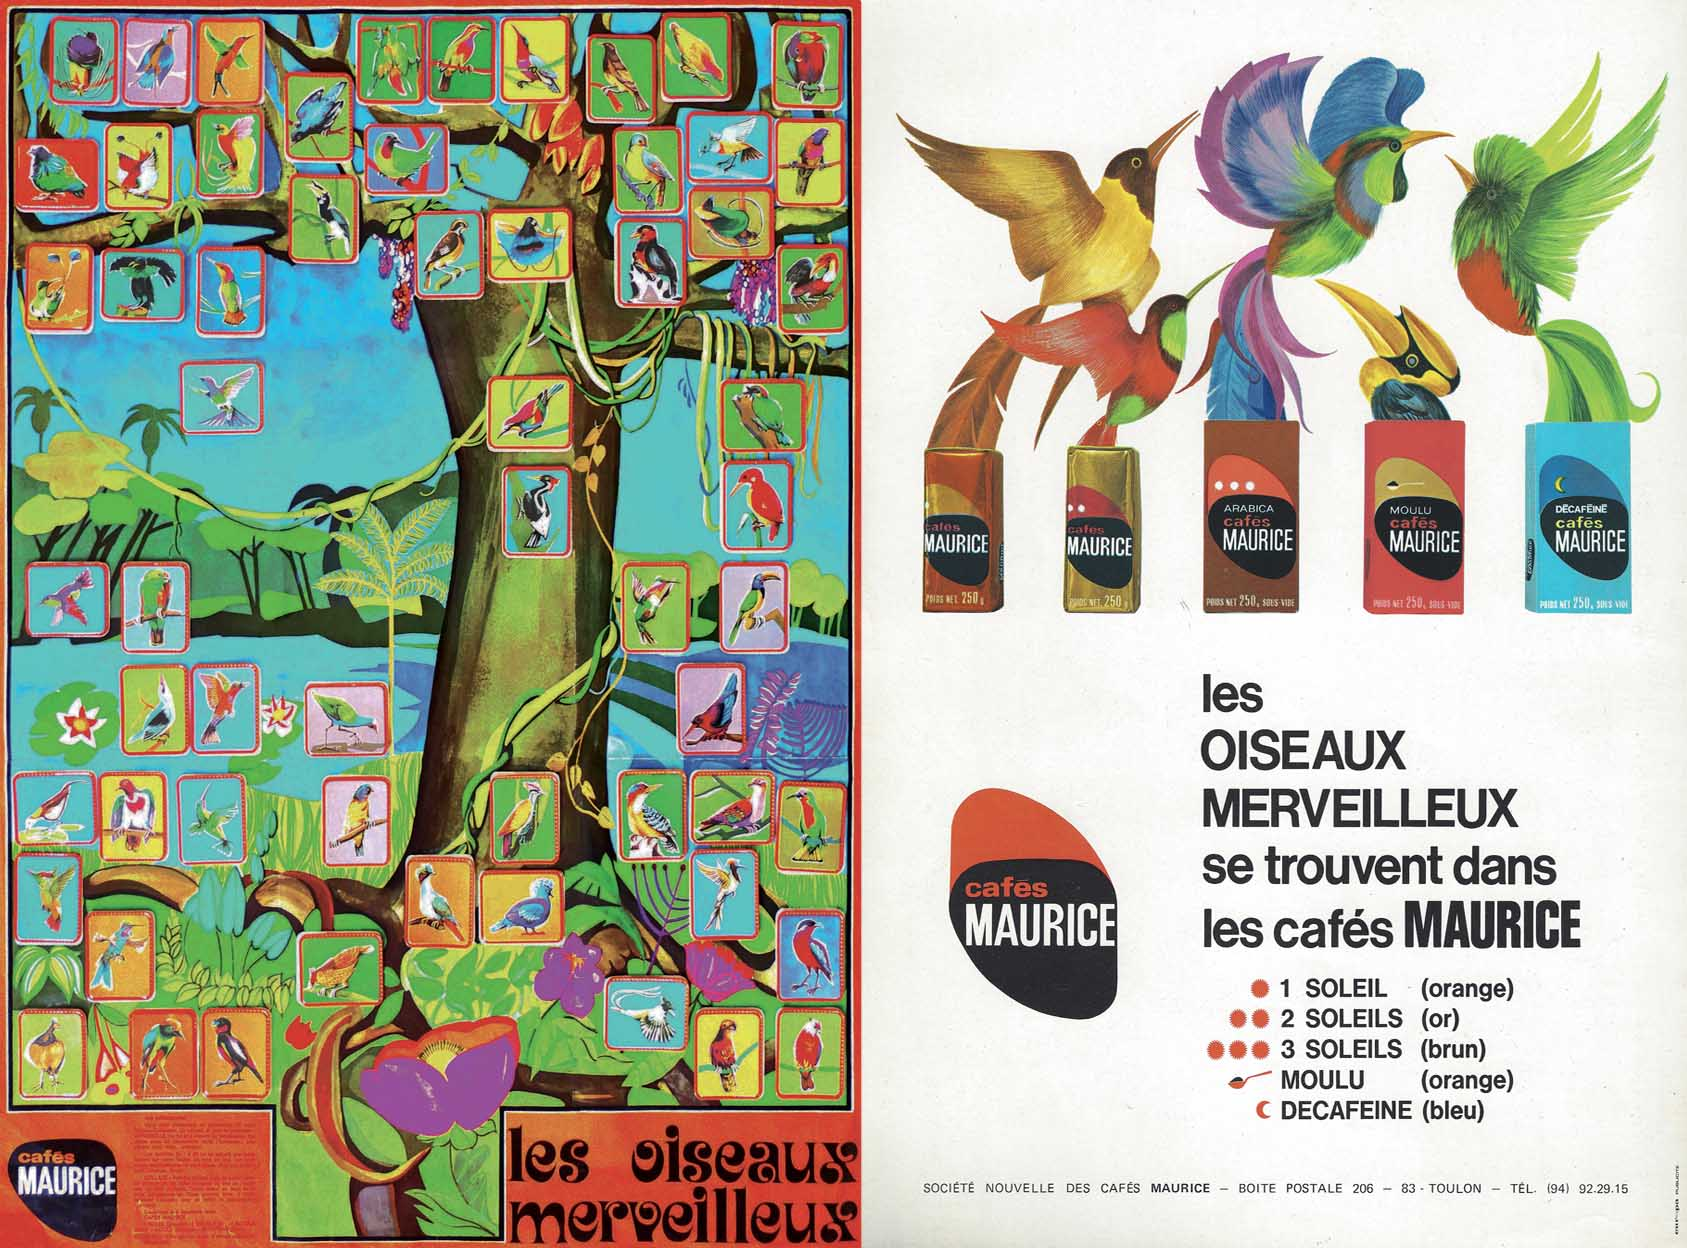 Oiseaux merveilleux annonces Cafés Maurice